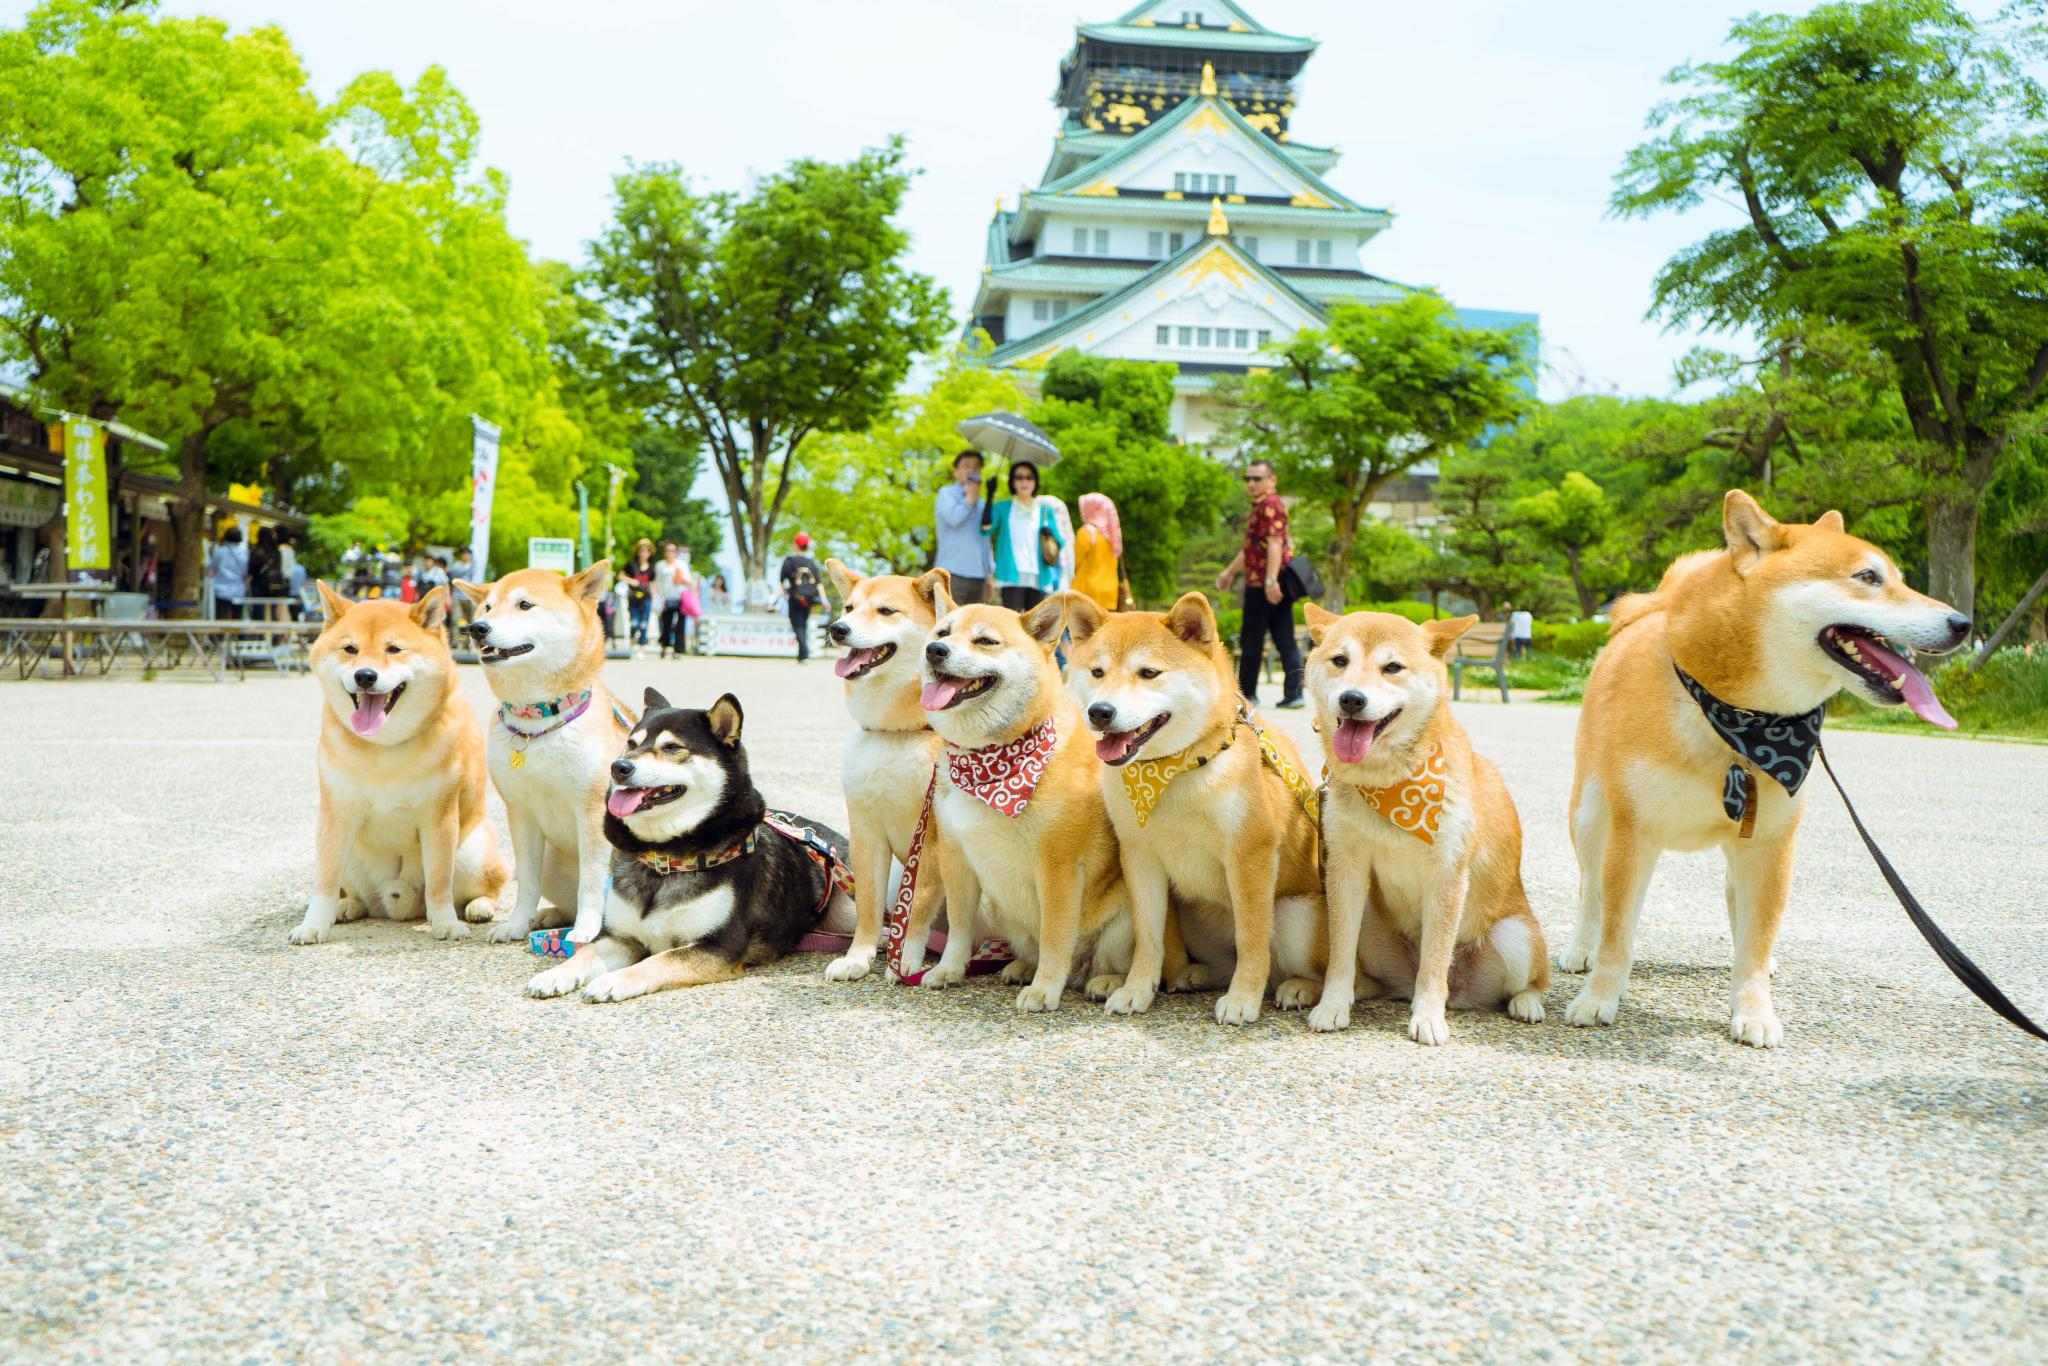 #写游记拿旅行基金#大阪经典两日游超实用攻略,记得买周游卡哟!